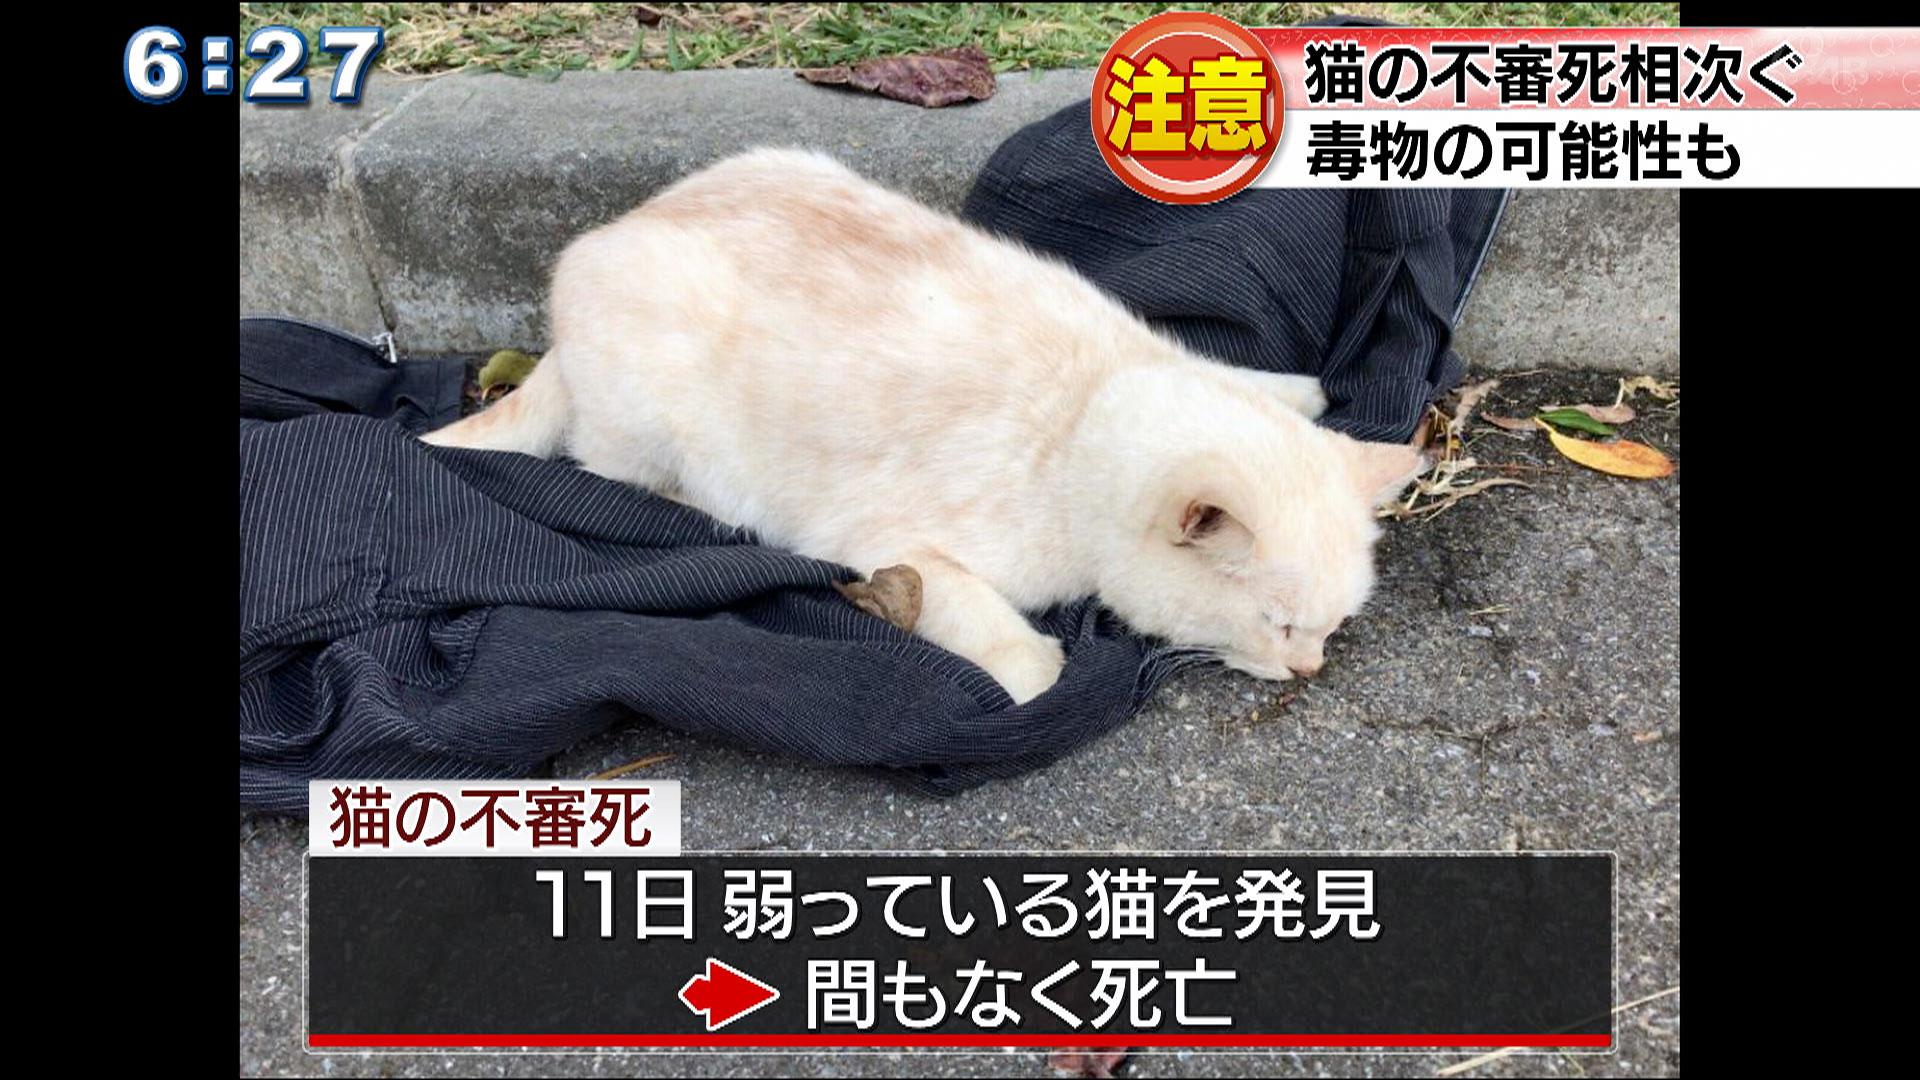 猫の不審死相次ぐ 毒物の可能性も